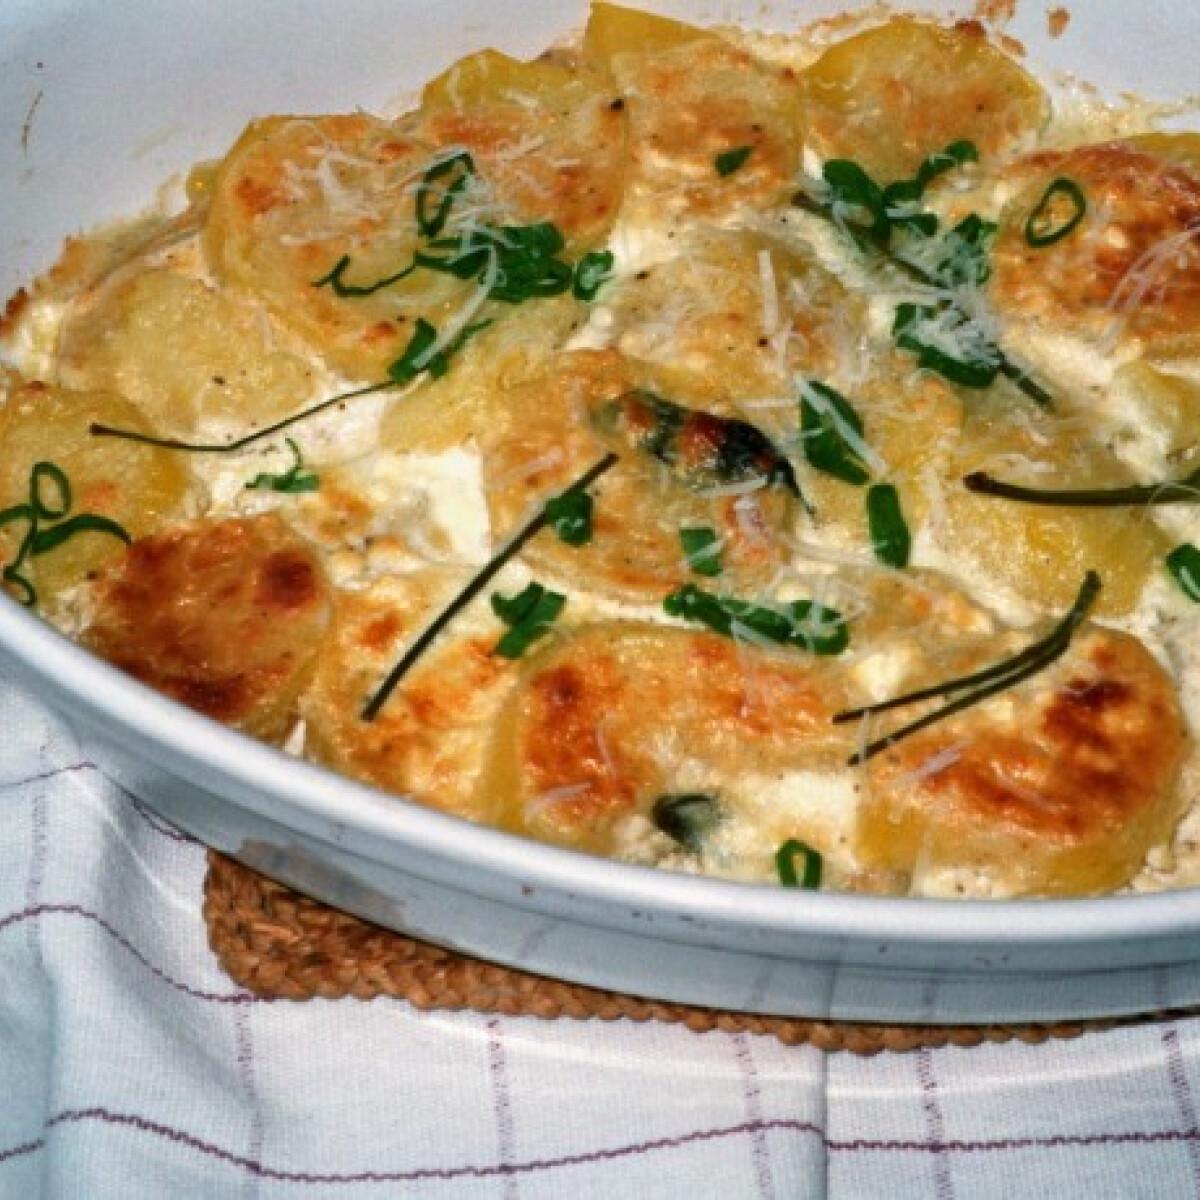 Ezen a képen: Csőben sült krumpli zellerrel és fetás öntettel